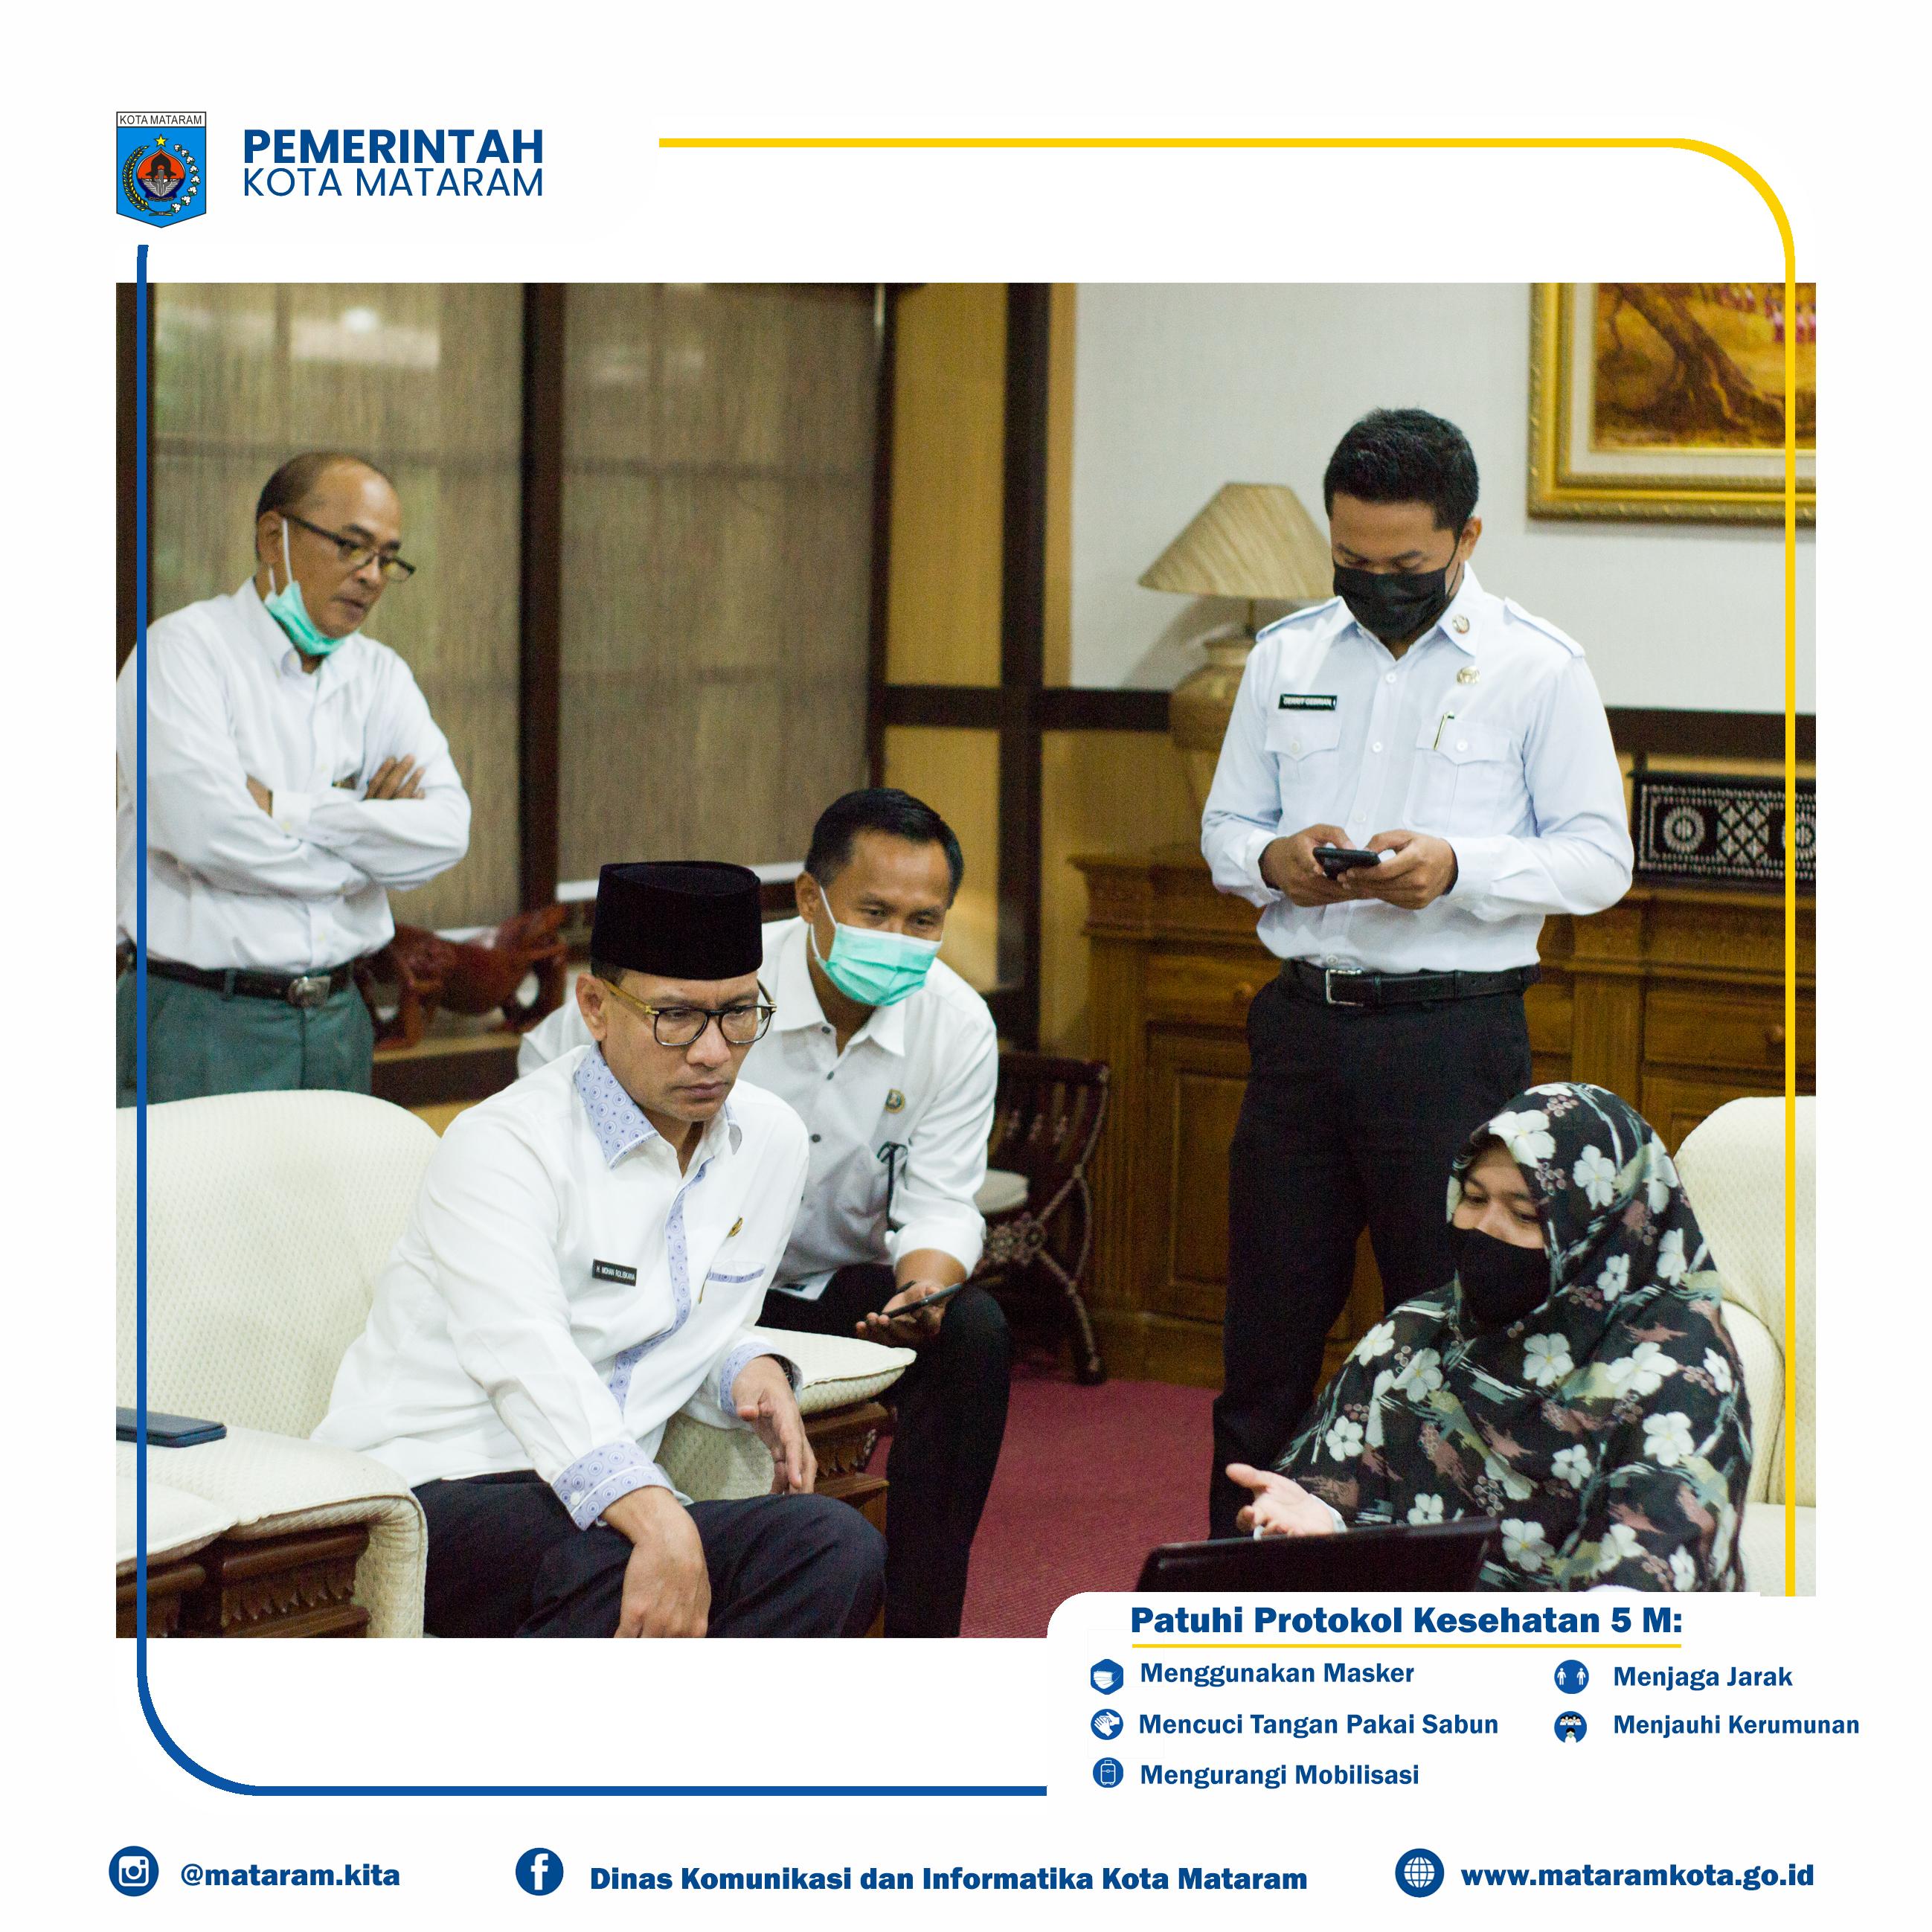 Wali Kota berkomitmen untuk melaksanakan transformasi birokrasi digital dalam rangka mewujudkan Smart Government di lingkup Pemerintah Kota Mataram.